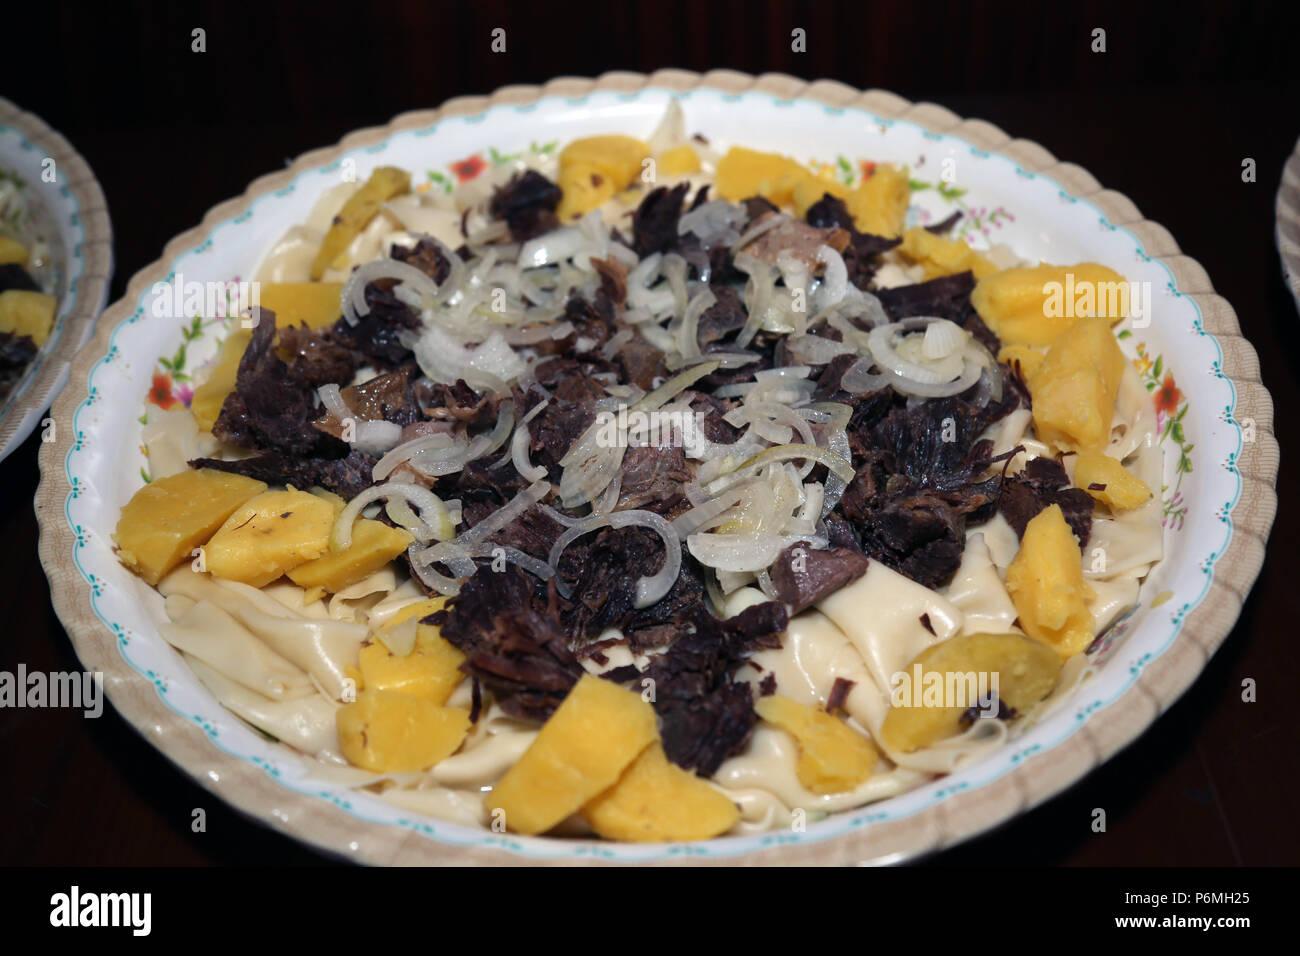 Image De Plat De Cuisine un plat de cuisine kazakhe de la viande, les pommes de terre